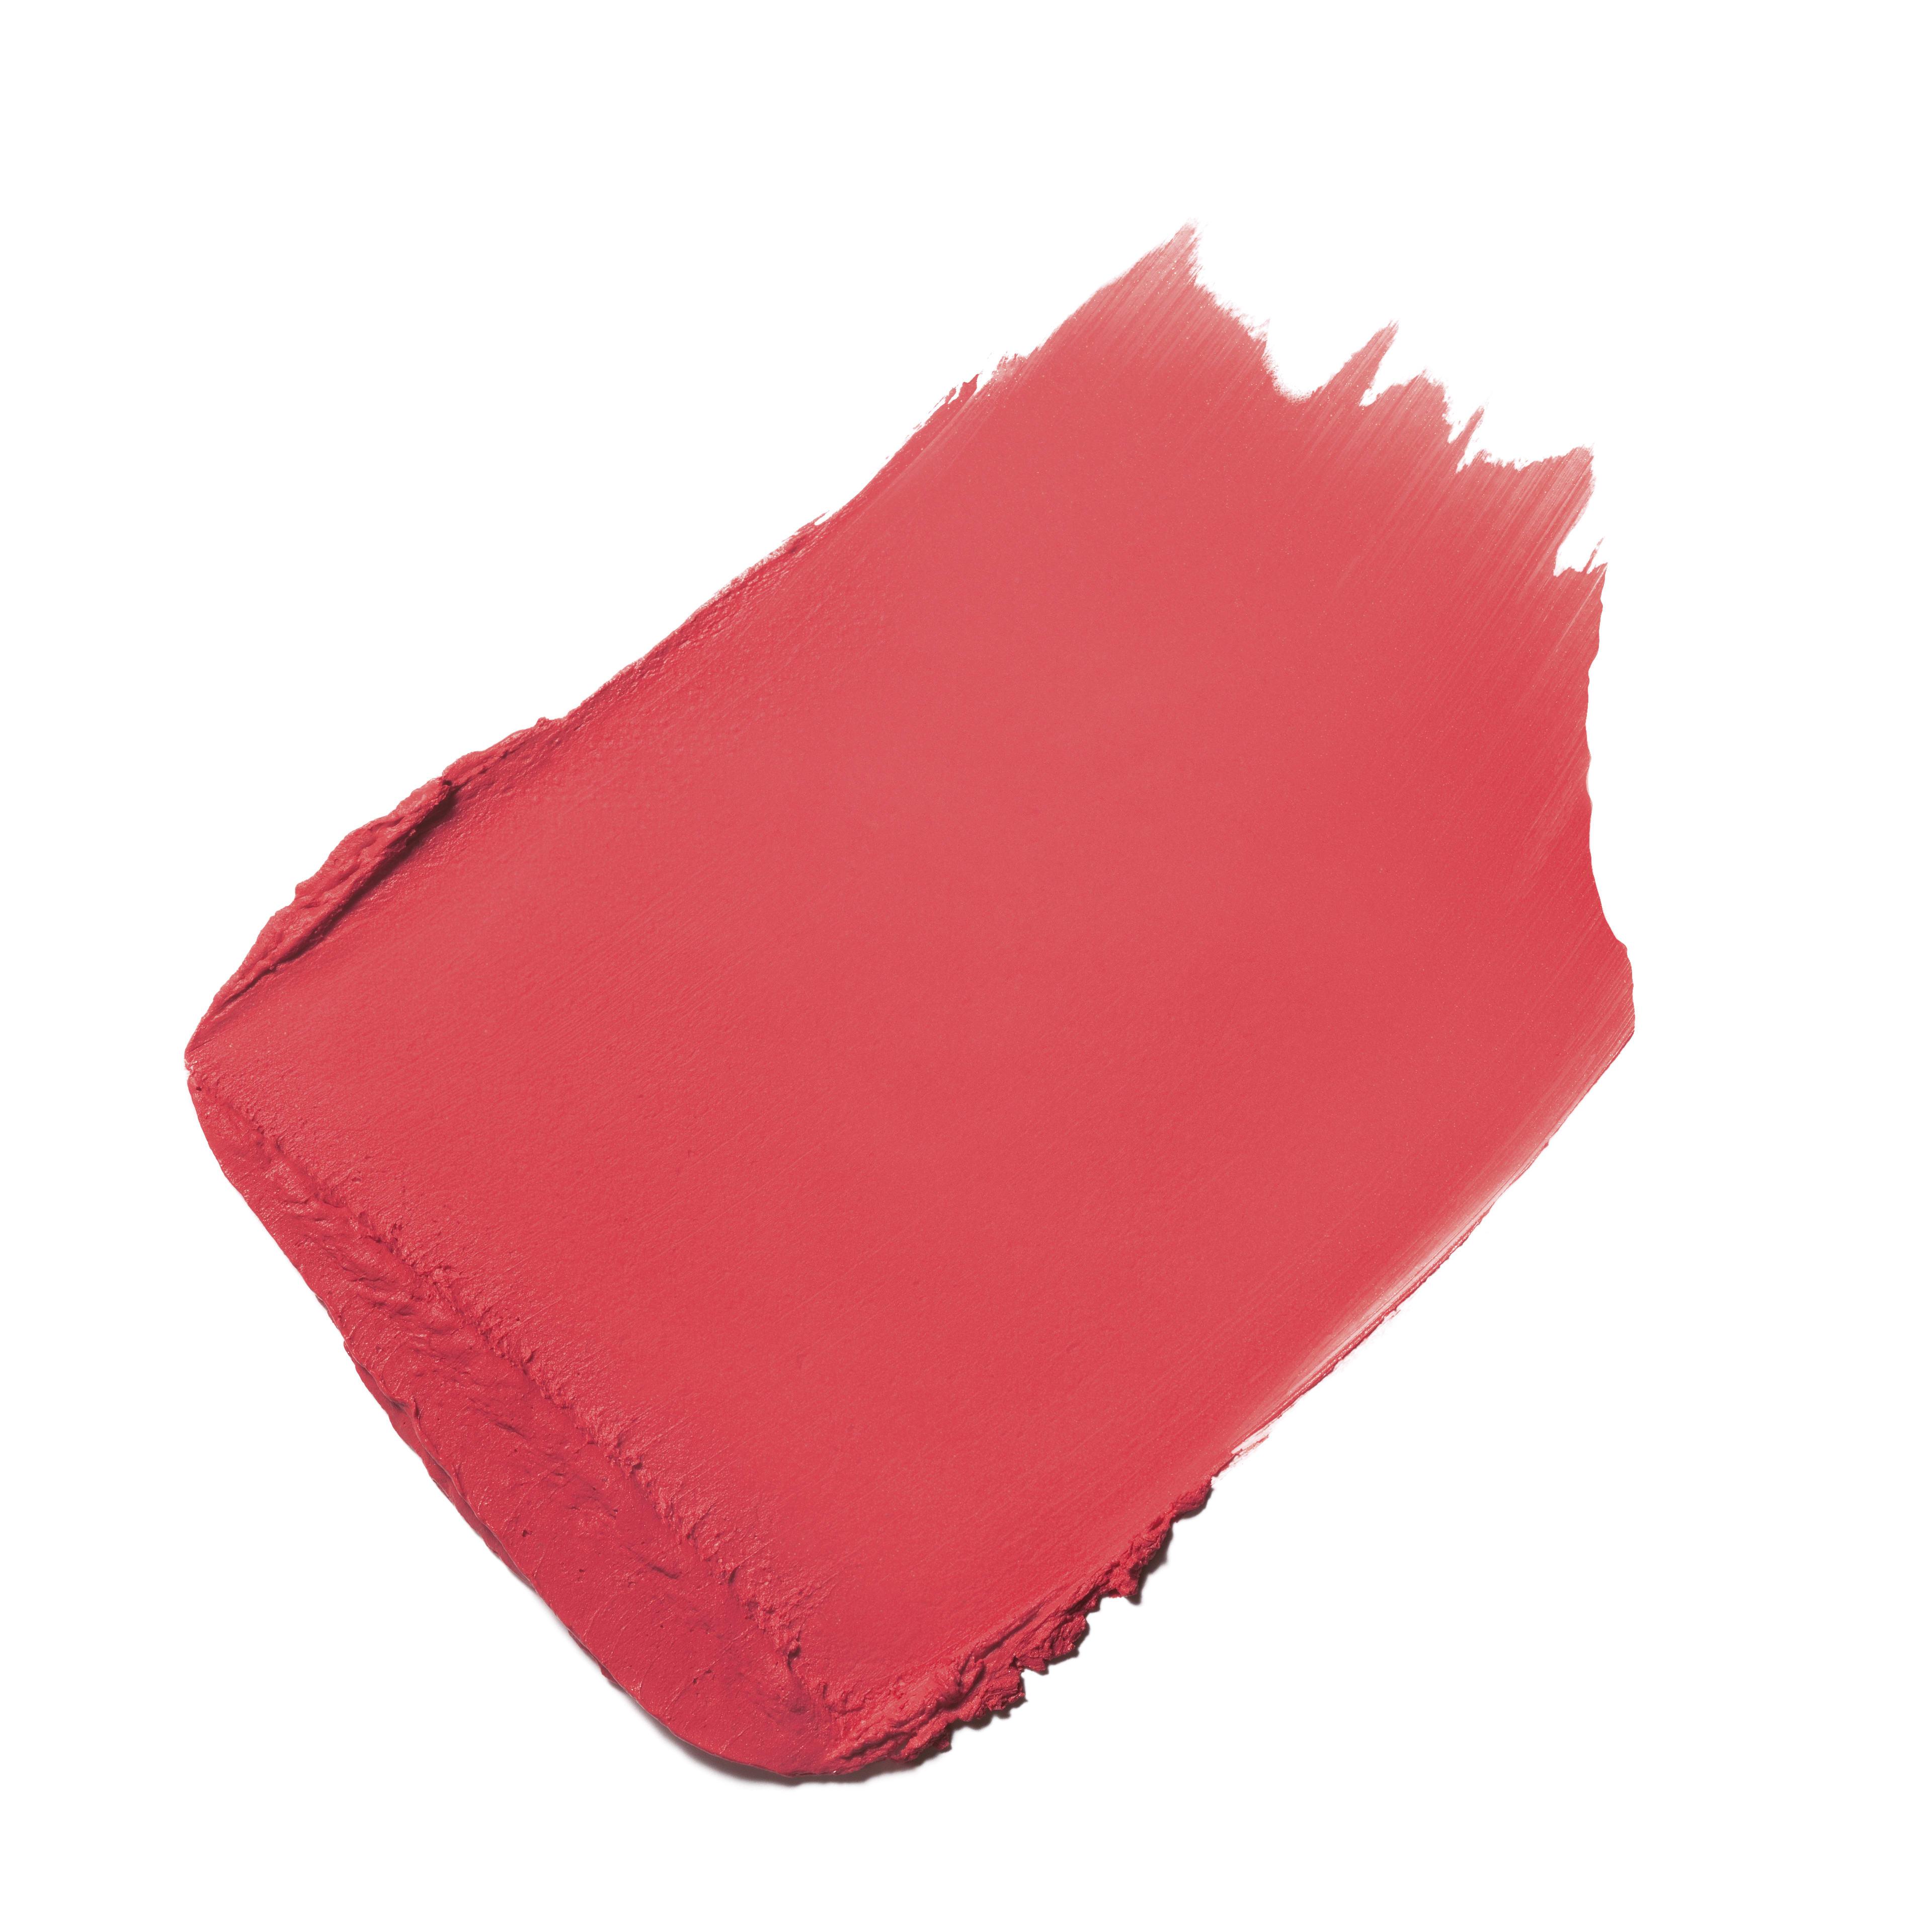 ROUGE ALLURE VELVET - makeup - 0.12OZ. - Basic texture view